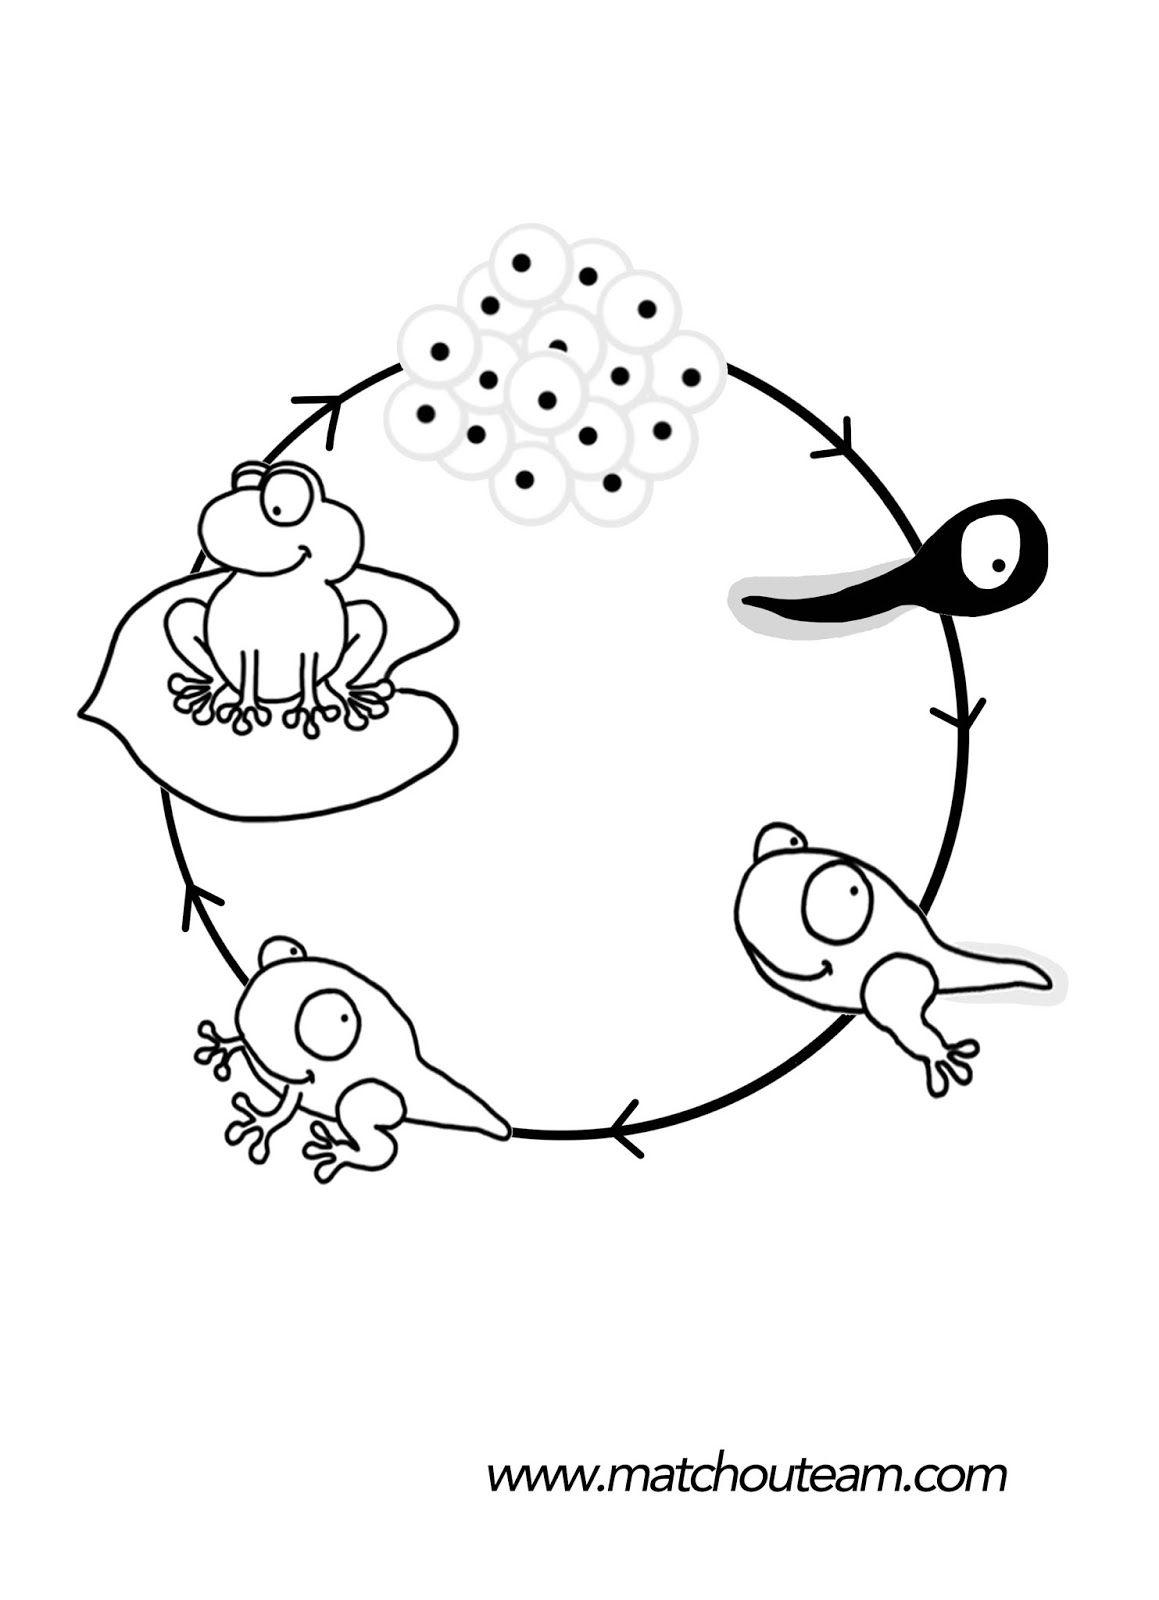 Mini Livre Sur Le Cycle De Vie De La Grenouille | Fräsch dedans Le Cycle De Vie De La Grenouille